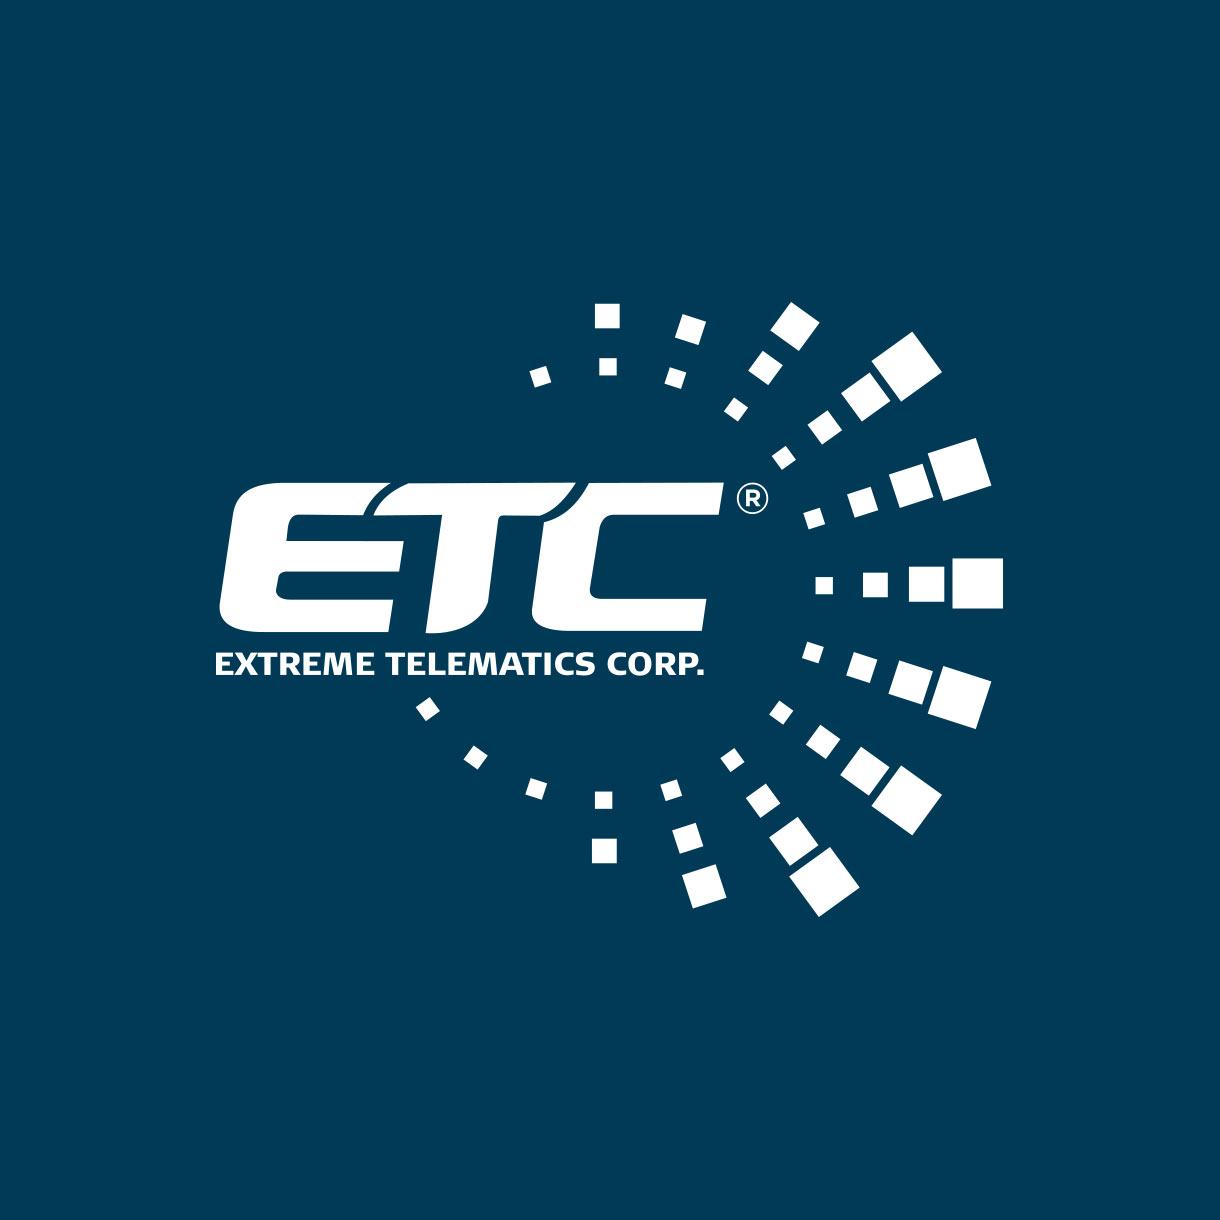 Extreme Telematics Corp. Icon